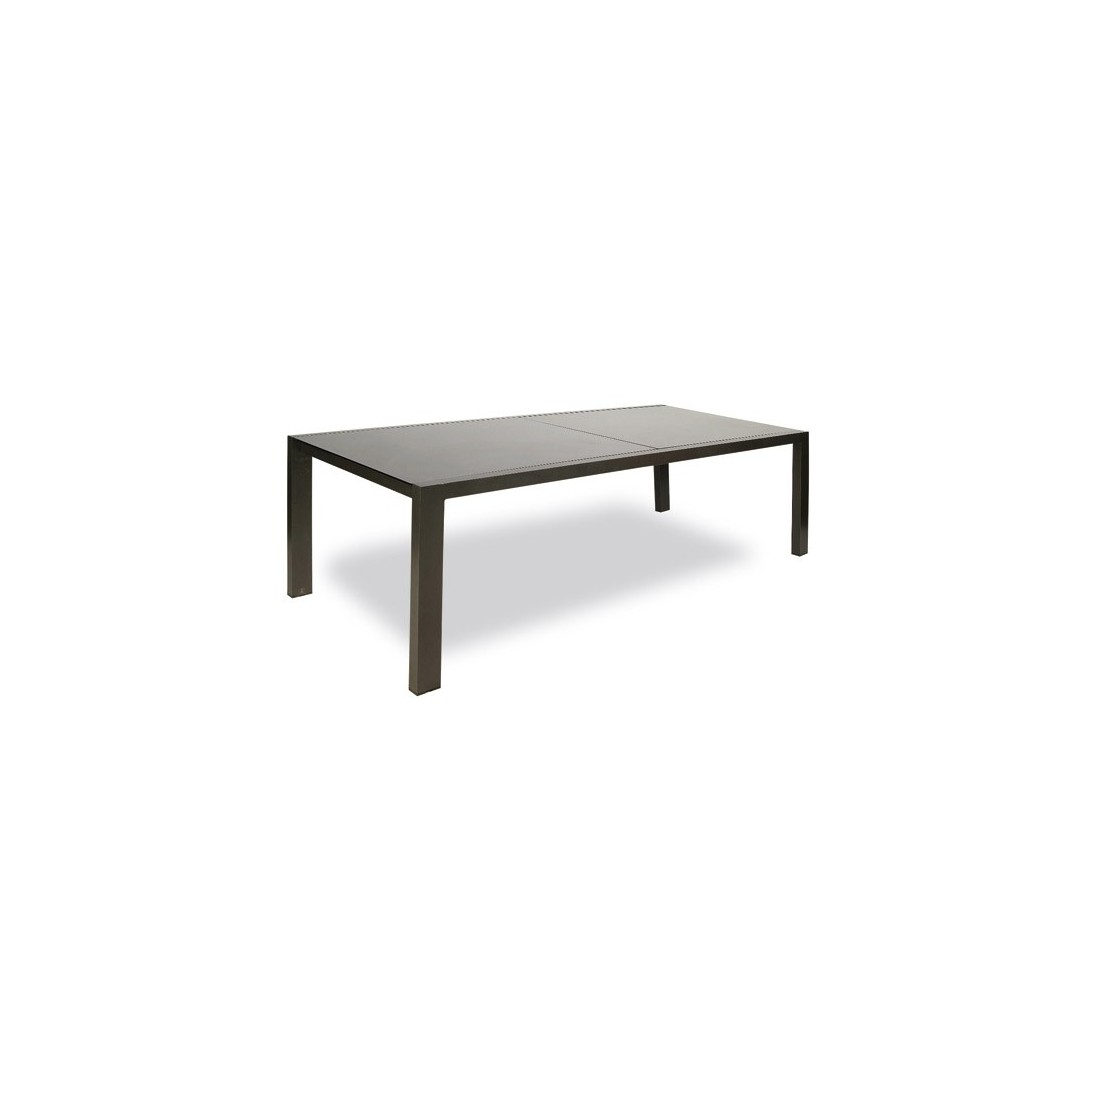 Table Landscape fixe deKettal, structure en aluminium avec plateau en verre  Taille 100 x 242 cm